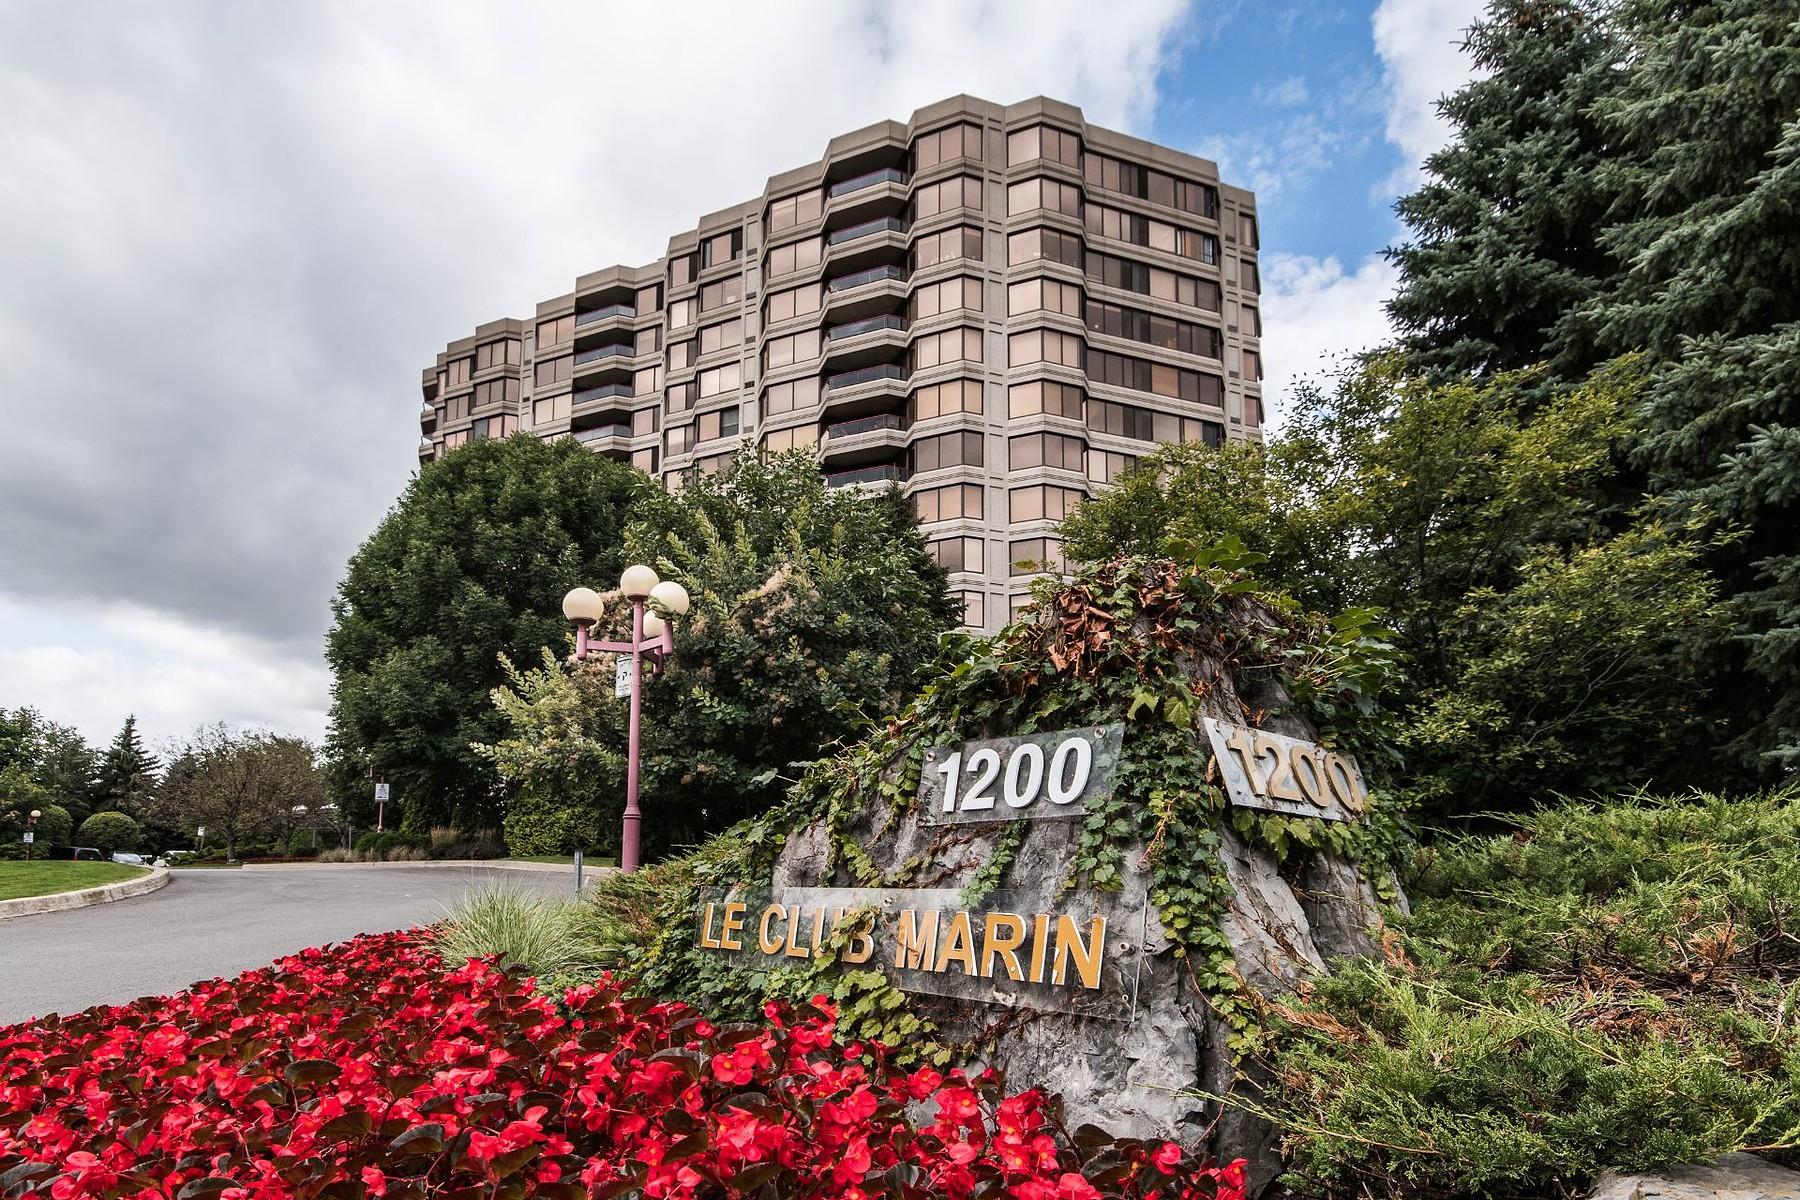 共管式独立产权公寓 为 销售 在 River garden style condo 1200 Ch. du Golf, Apt. 101, 凡尔登, 魁北克省, H3E1P5 加拿大